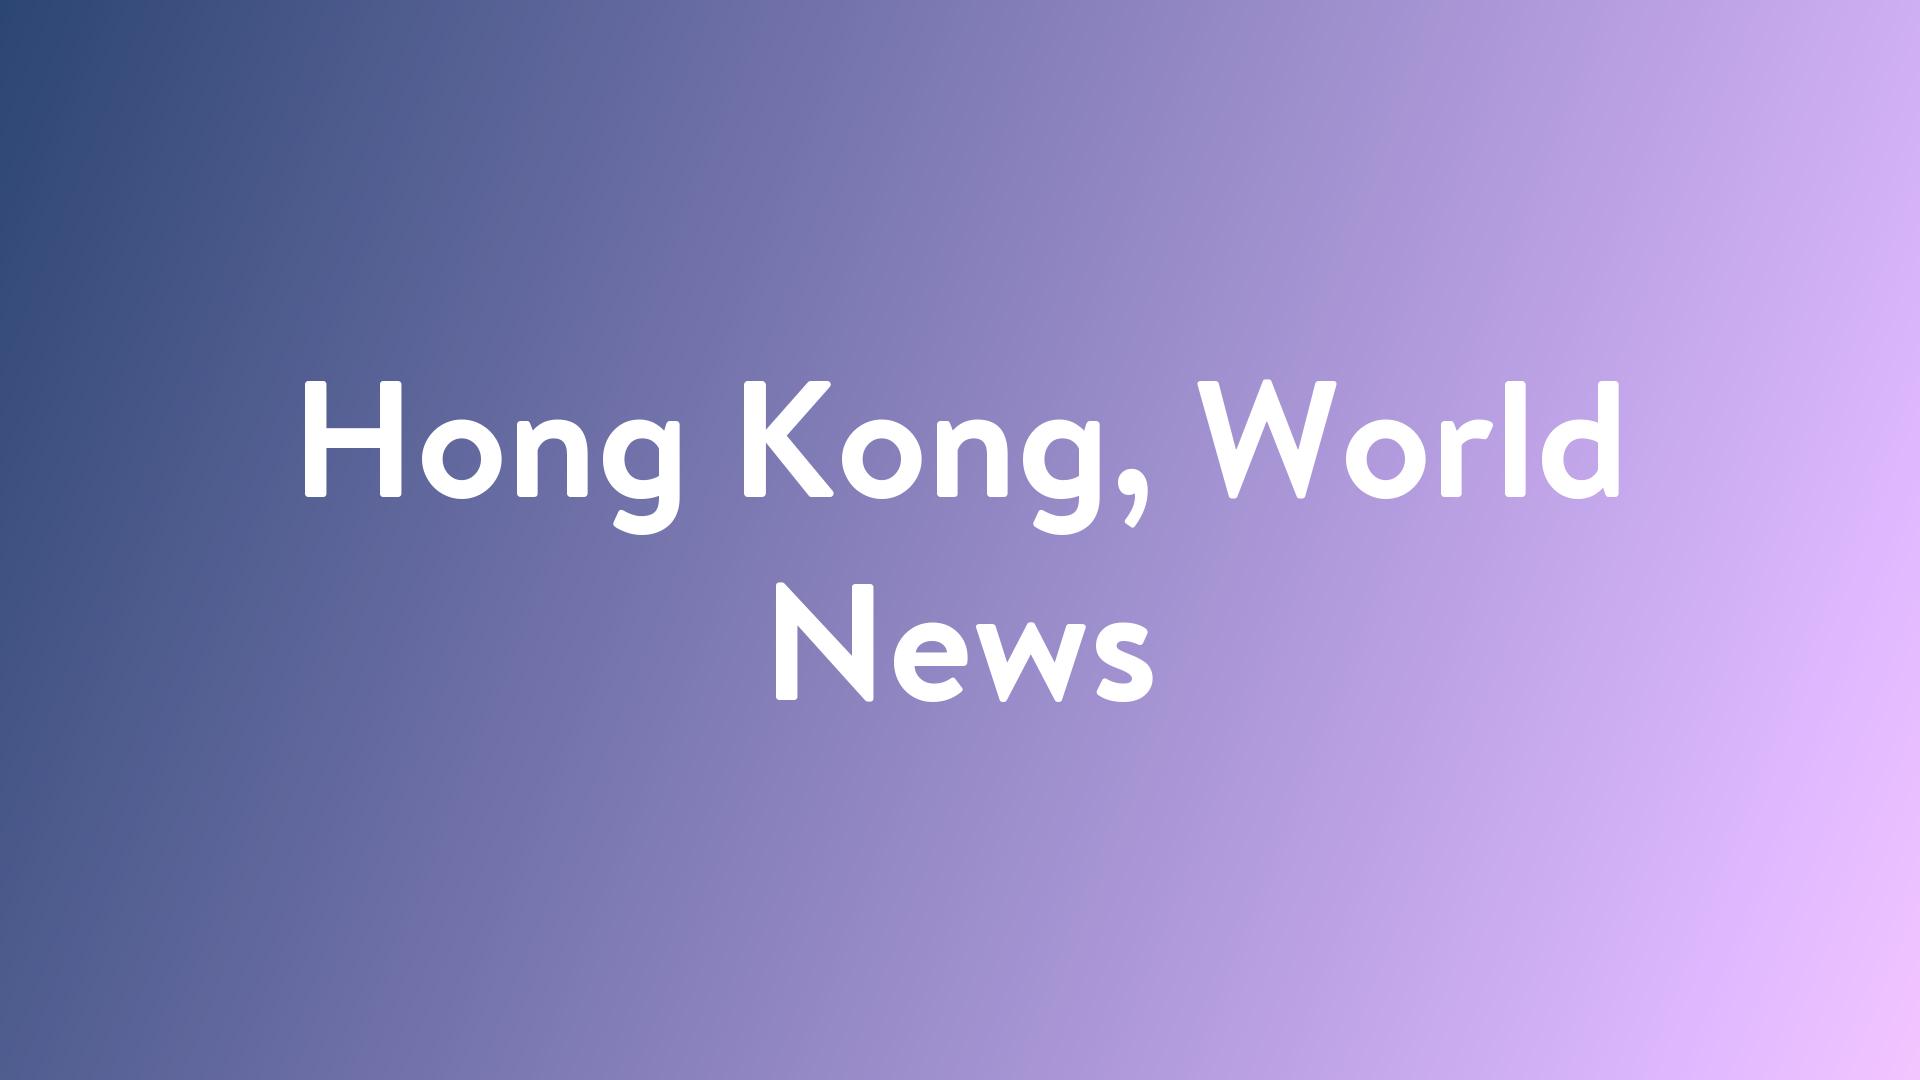 Hong Kong Tv News Channels